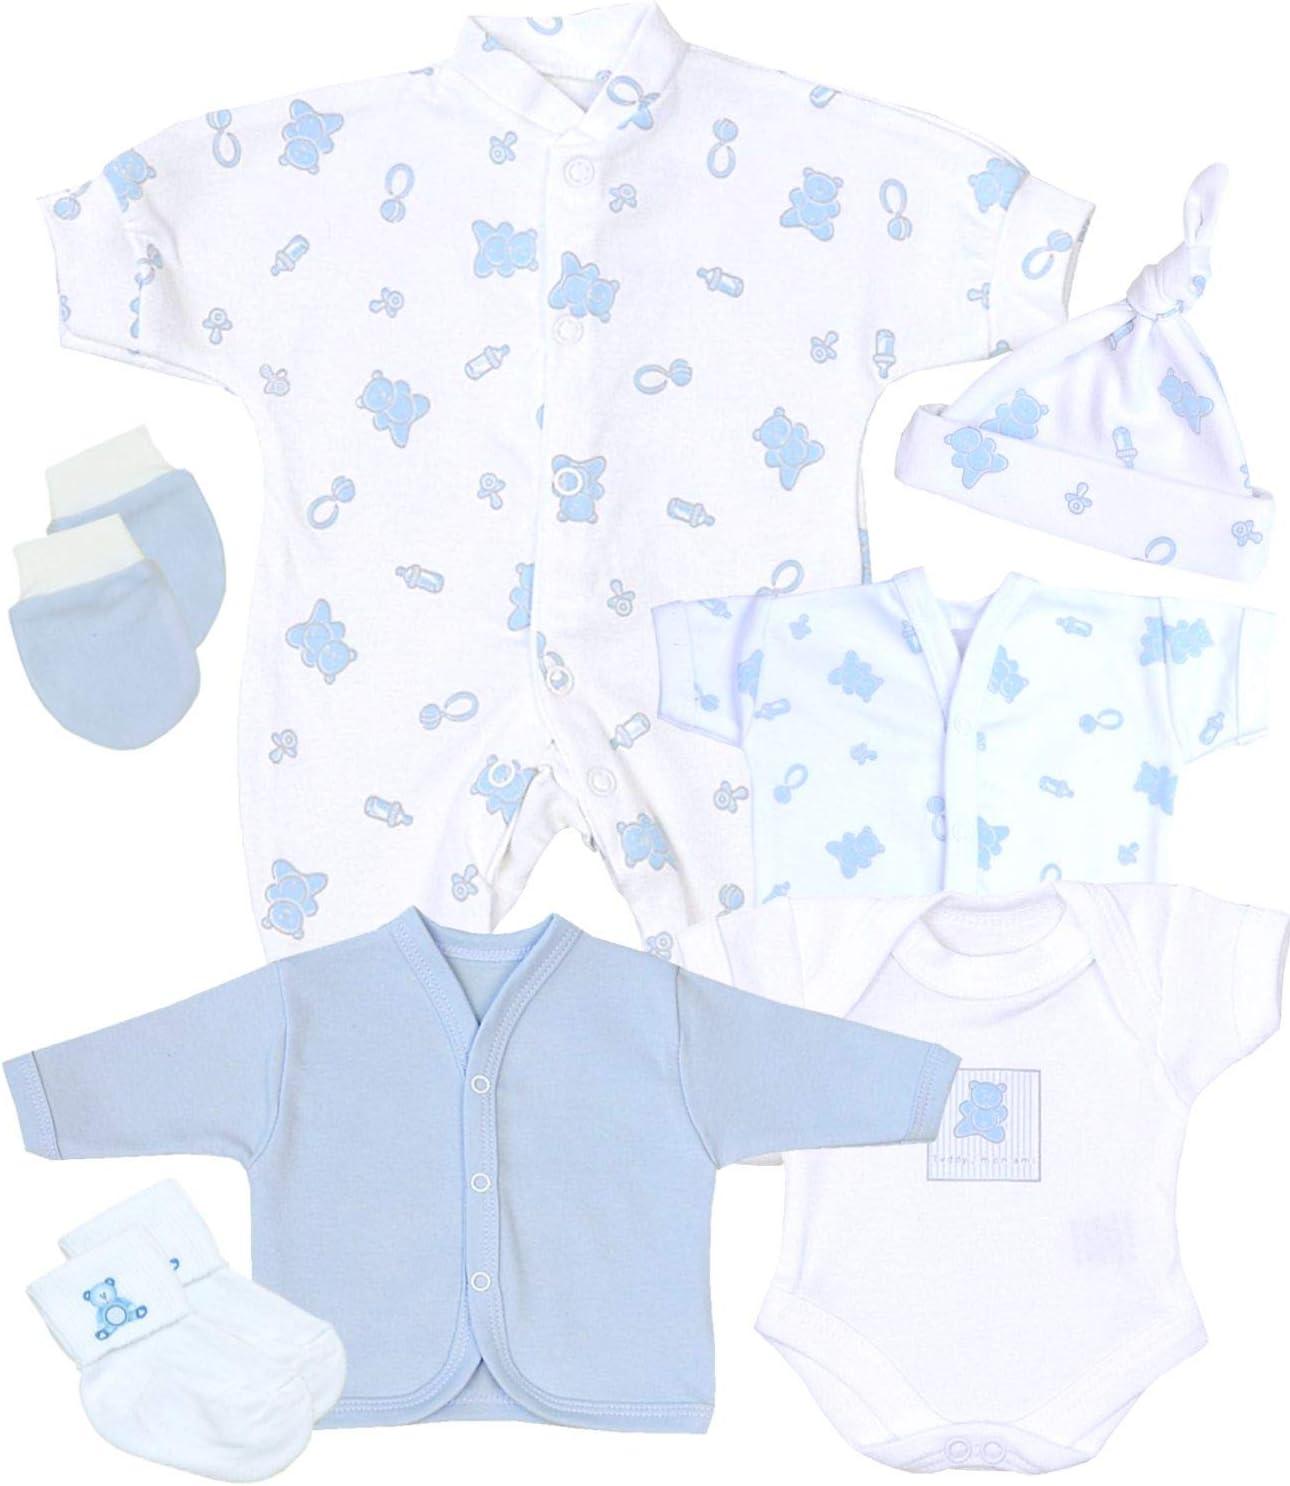 BabyPrem 7 Piece Preemie Baby Clothes Starter Pack 1.5-7.5lb PINK PREM 2